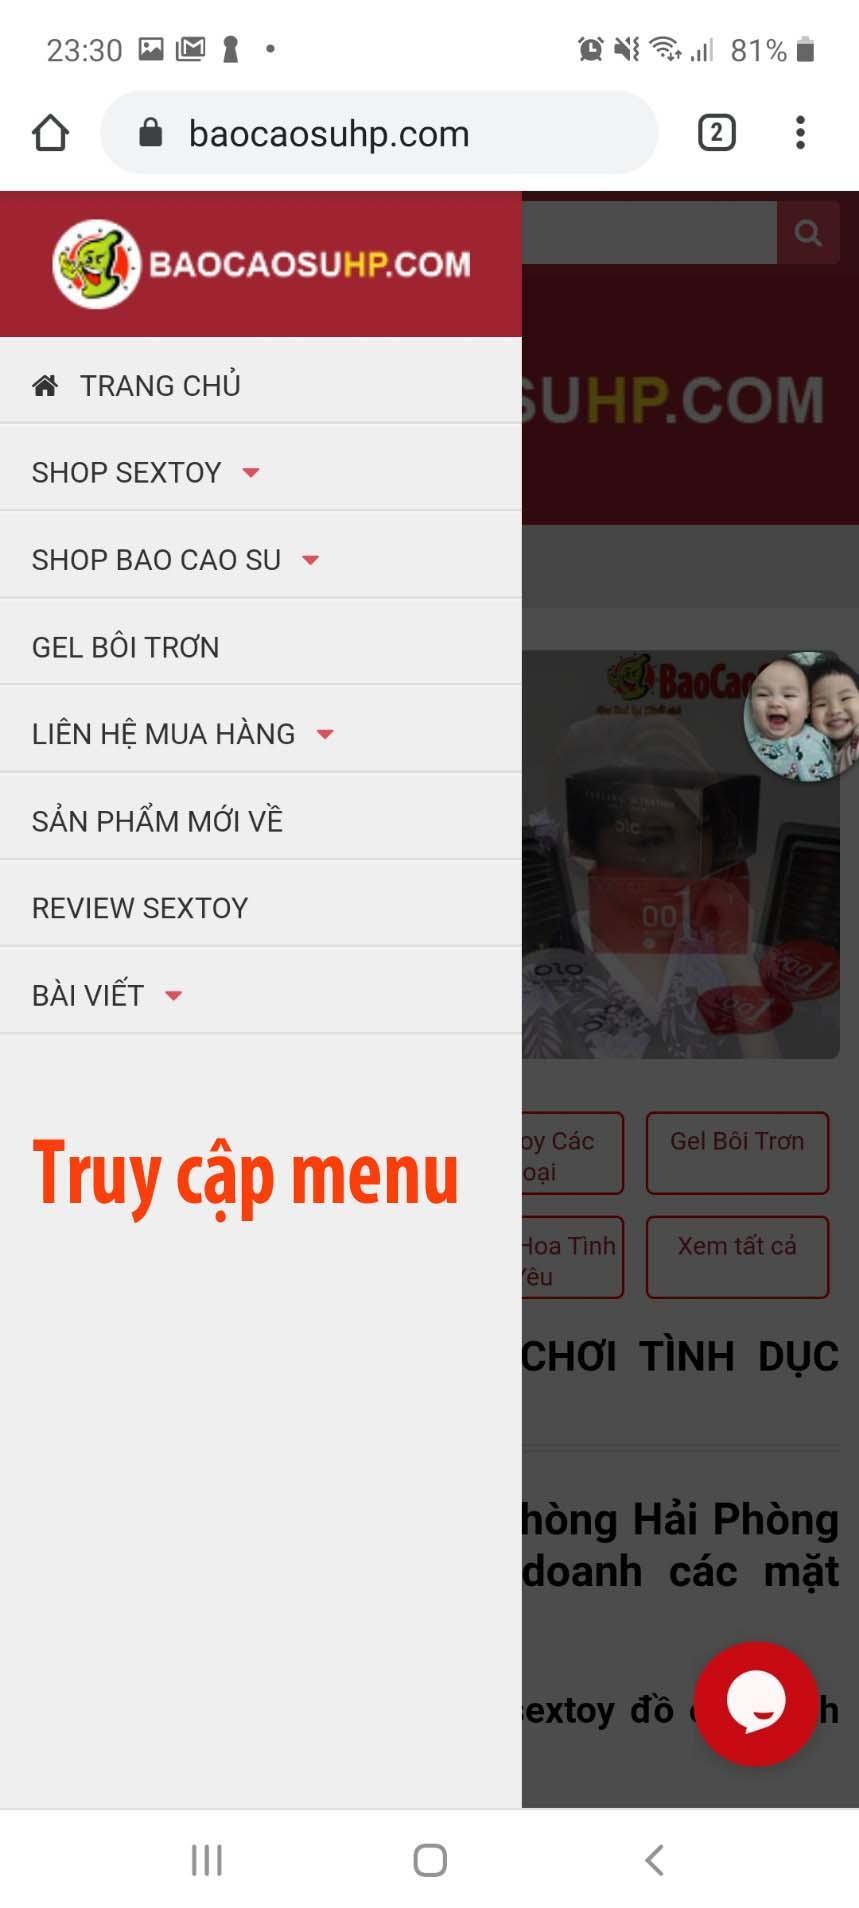 20200518133938 7426945 chon loai hinh ban can - Hướng dẫn cách mua hàng tại shop baocaosuhp